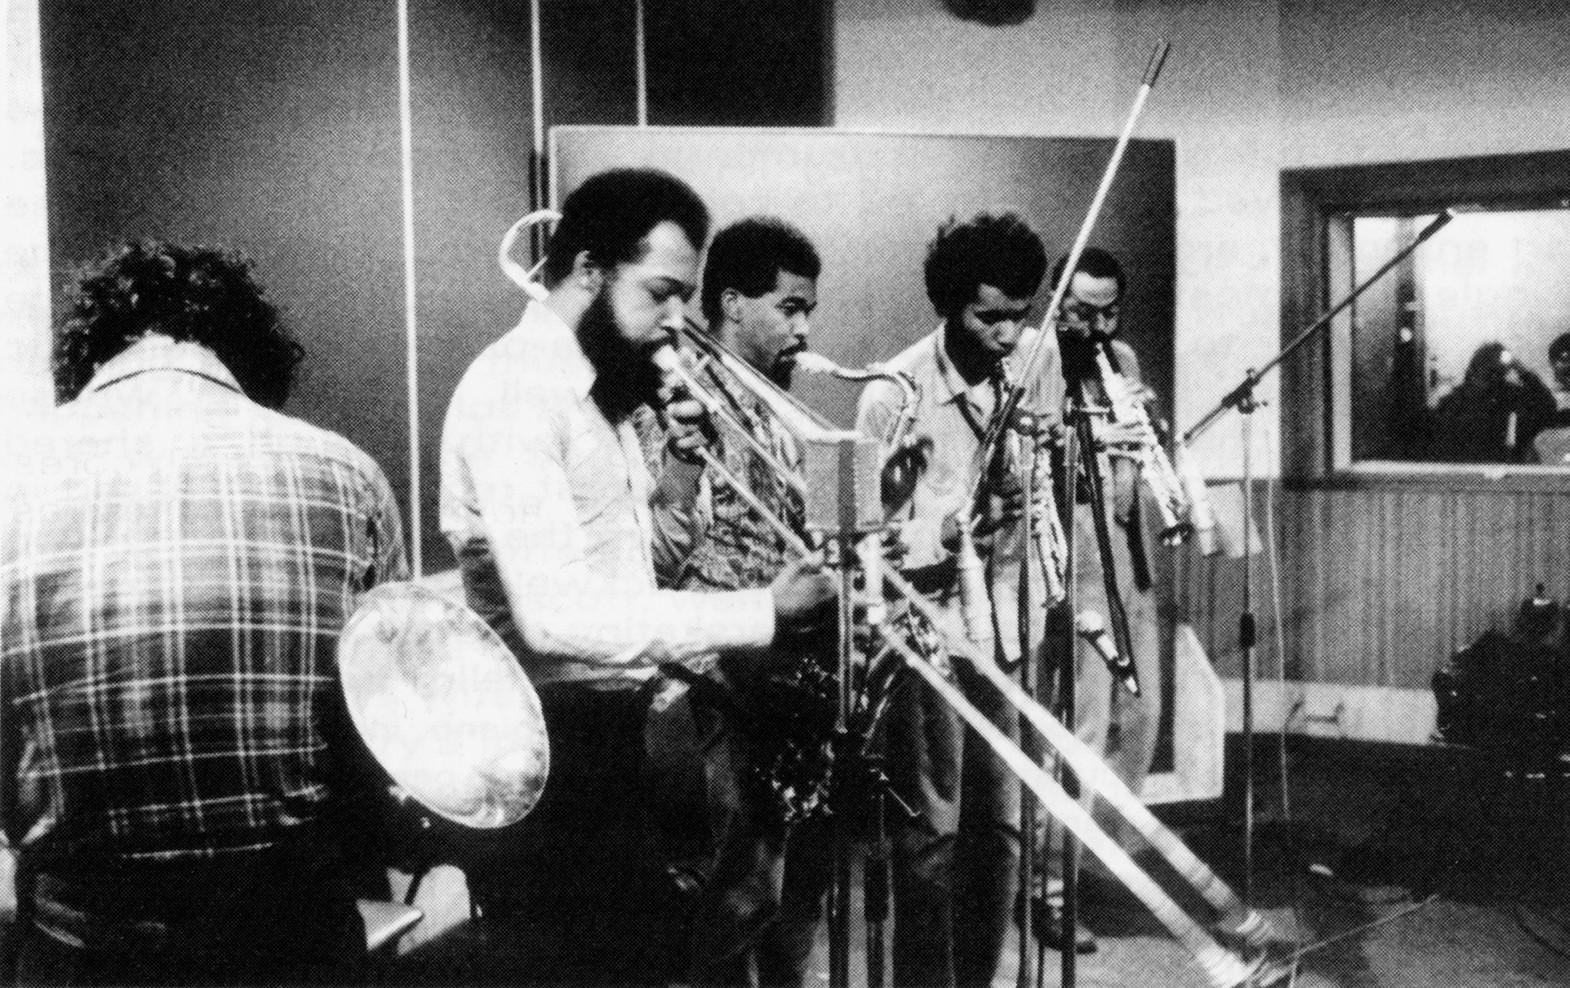 Bernard Vitet, Grachan Moncur III, Kenneth Terroade, Anthony Braxton, Archie Sheep